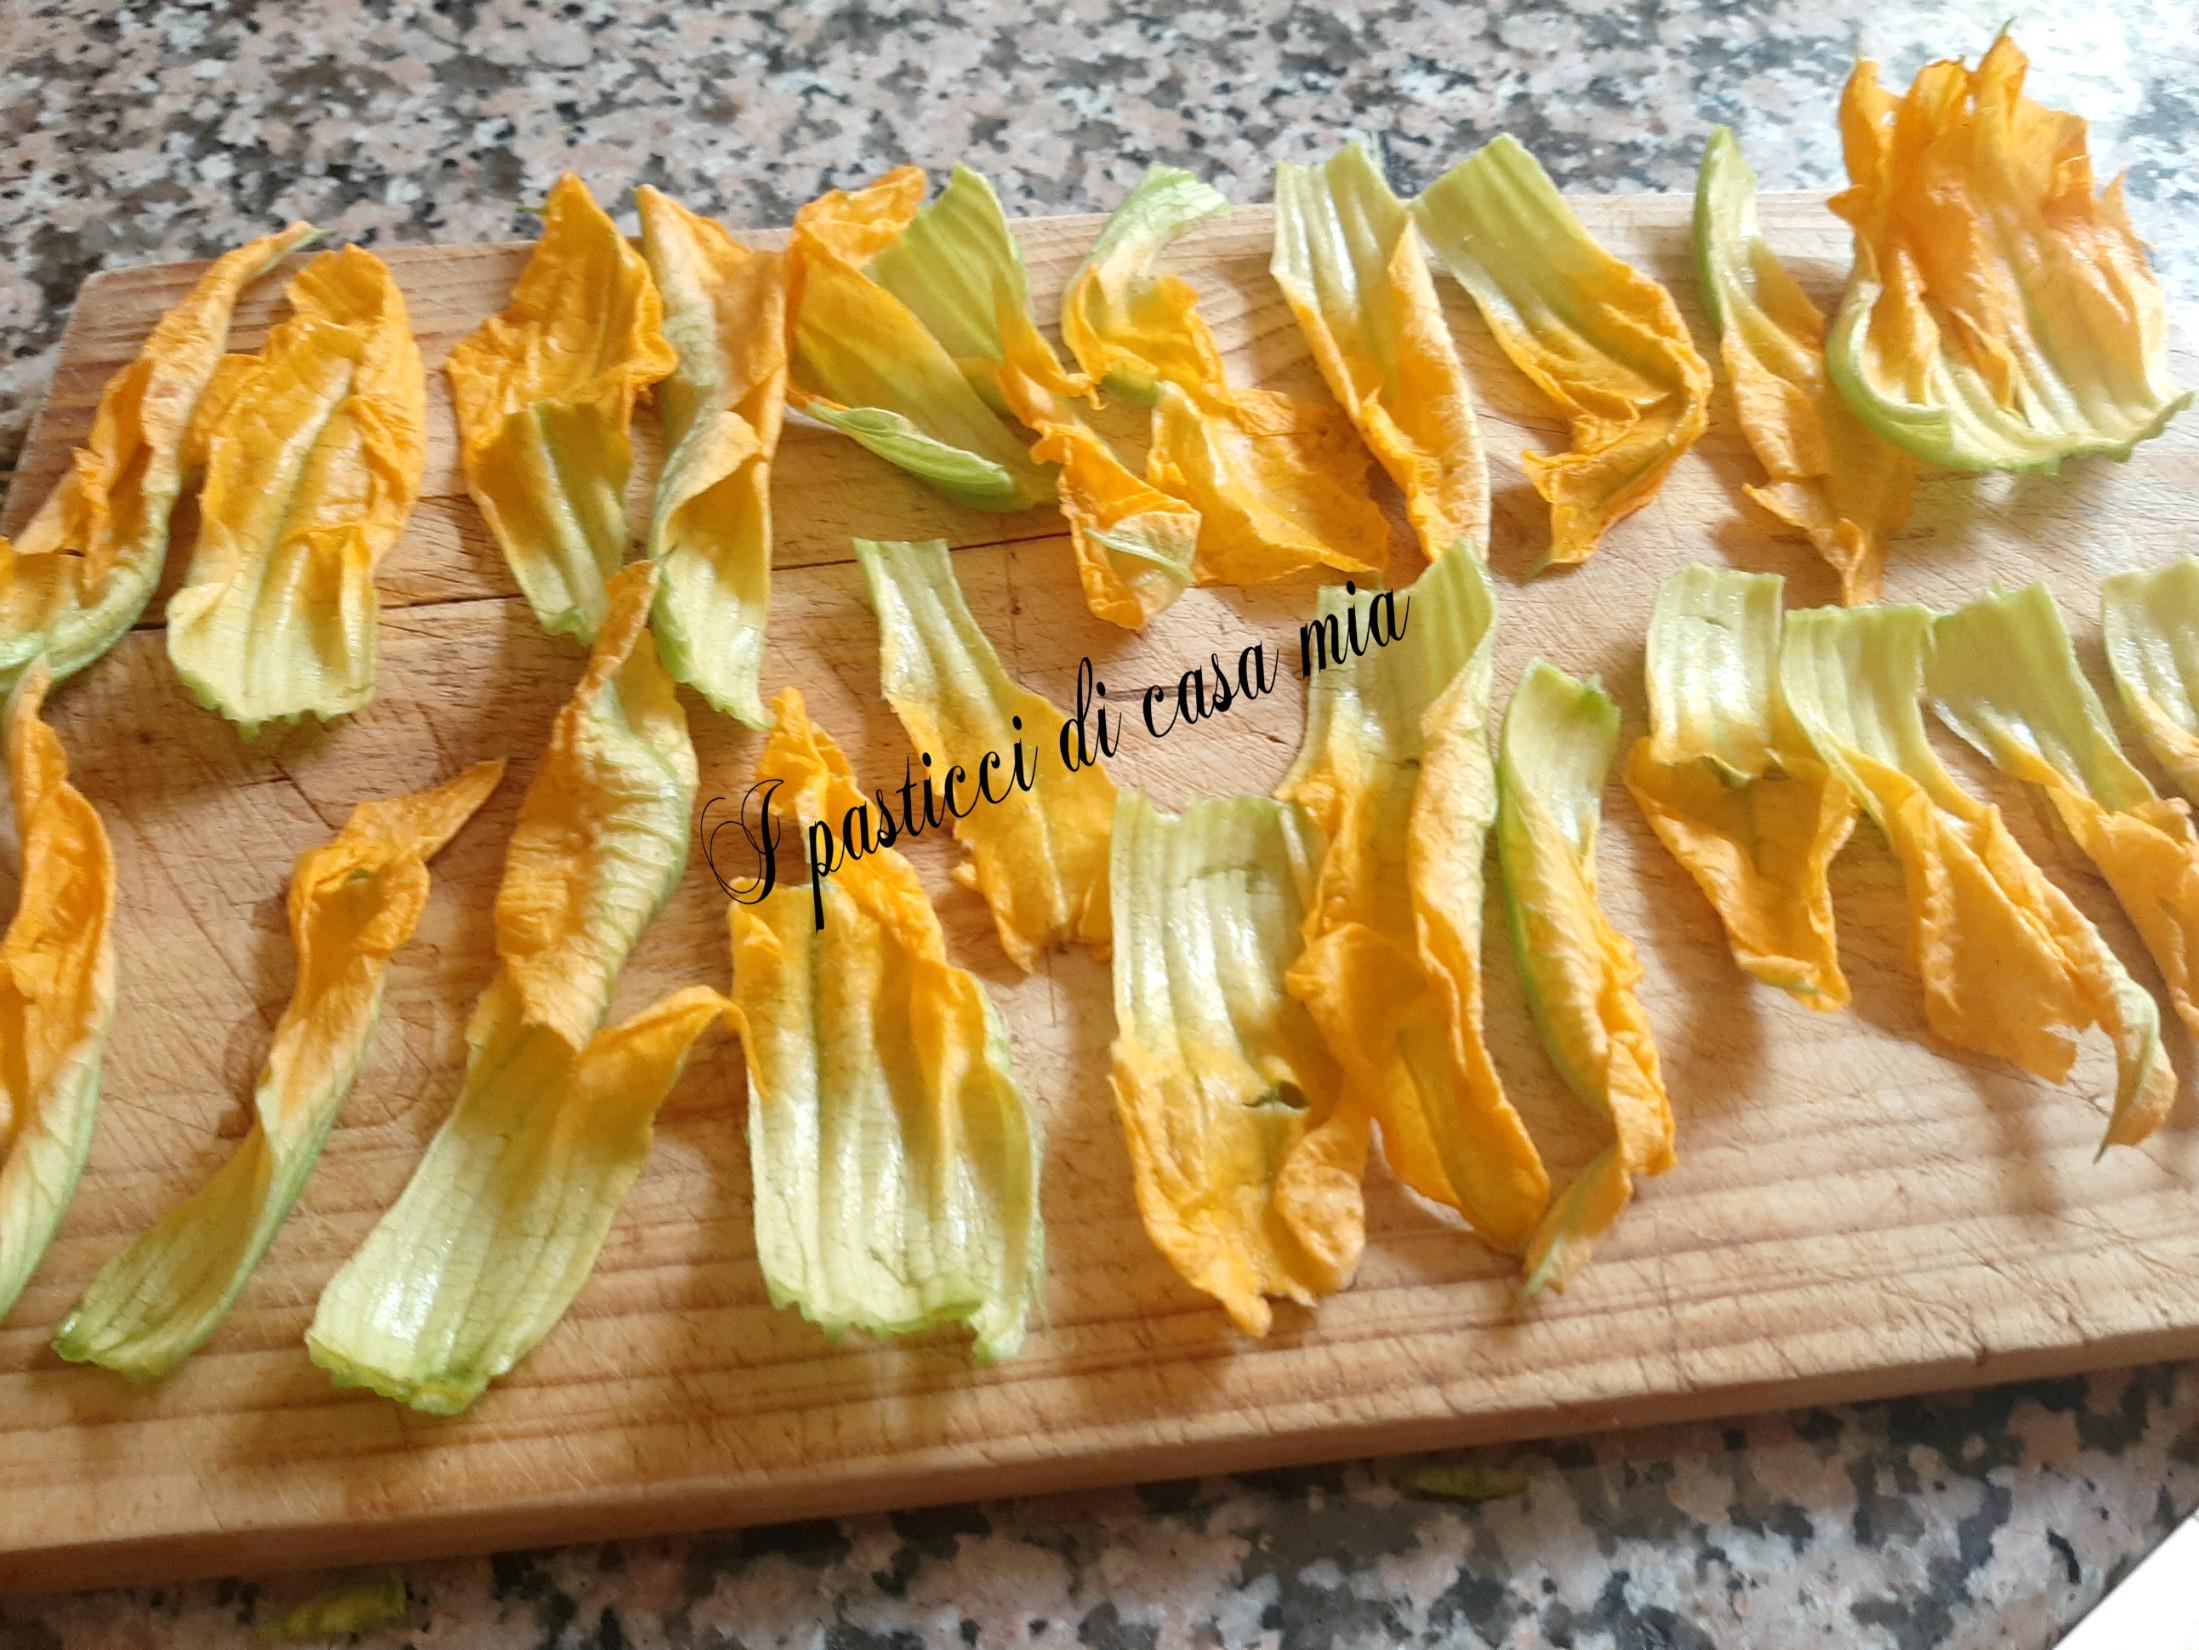 Petali di zucchina